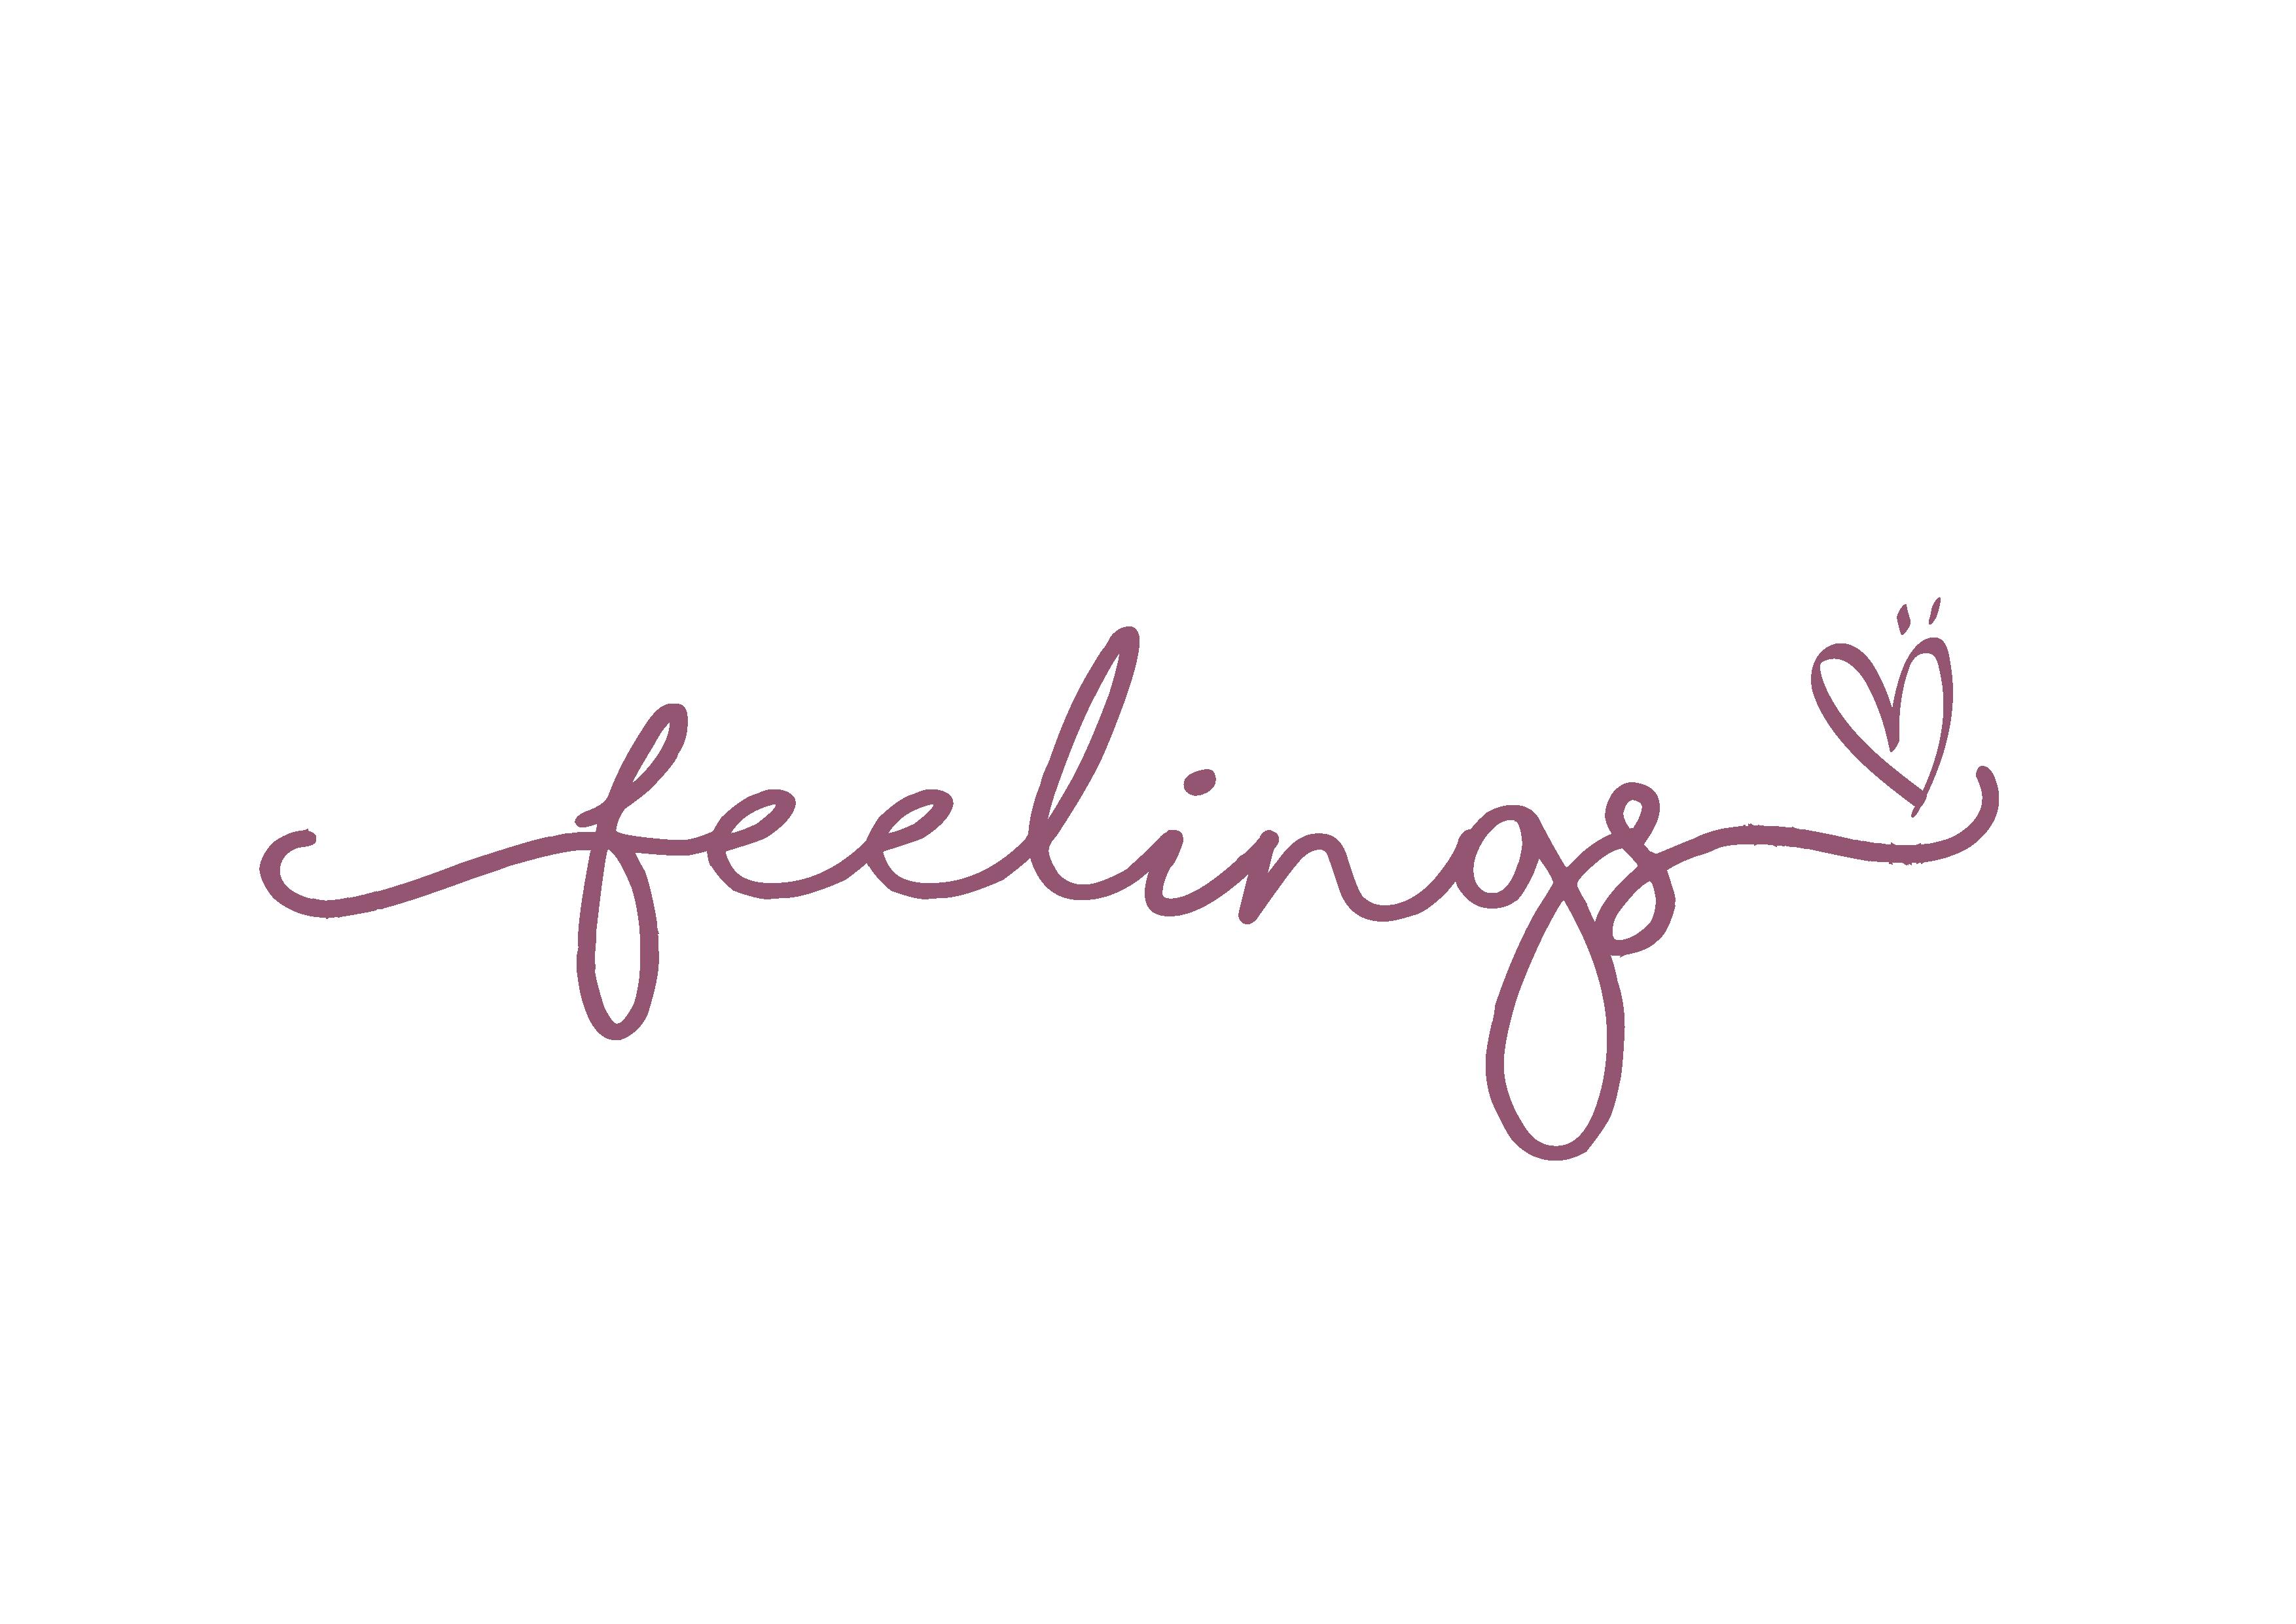 Coleção Feelings